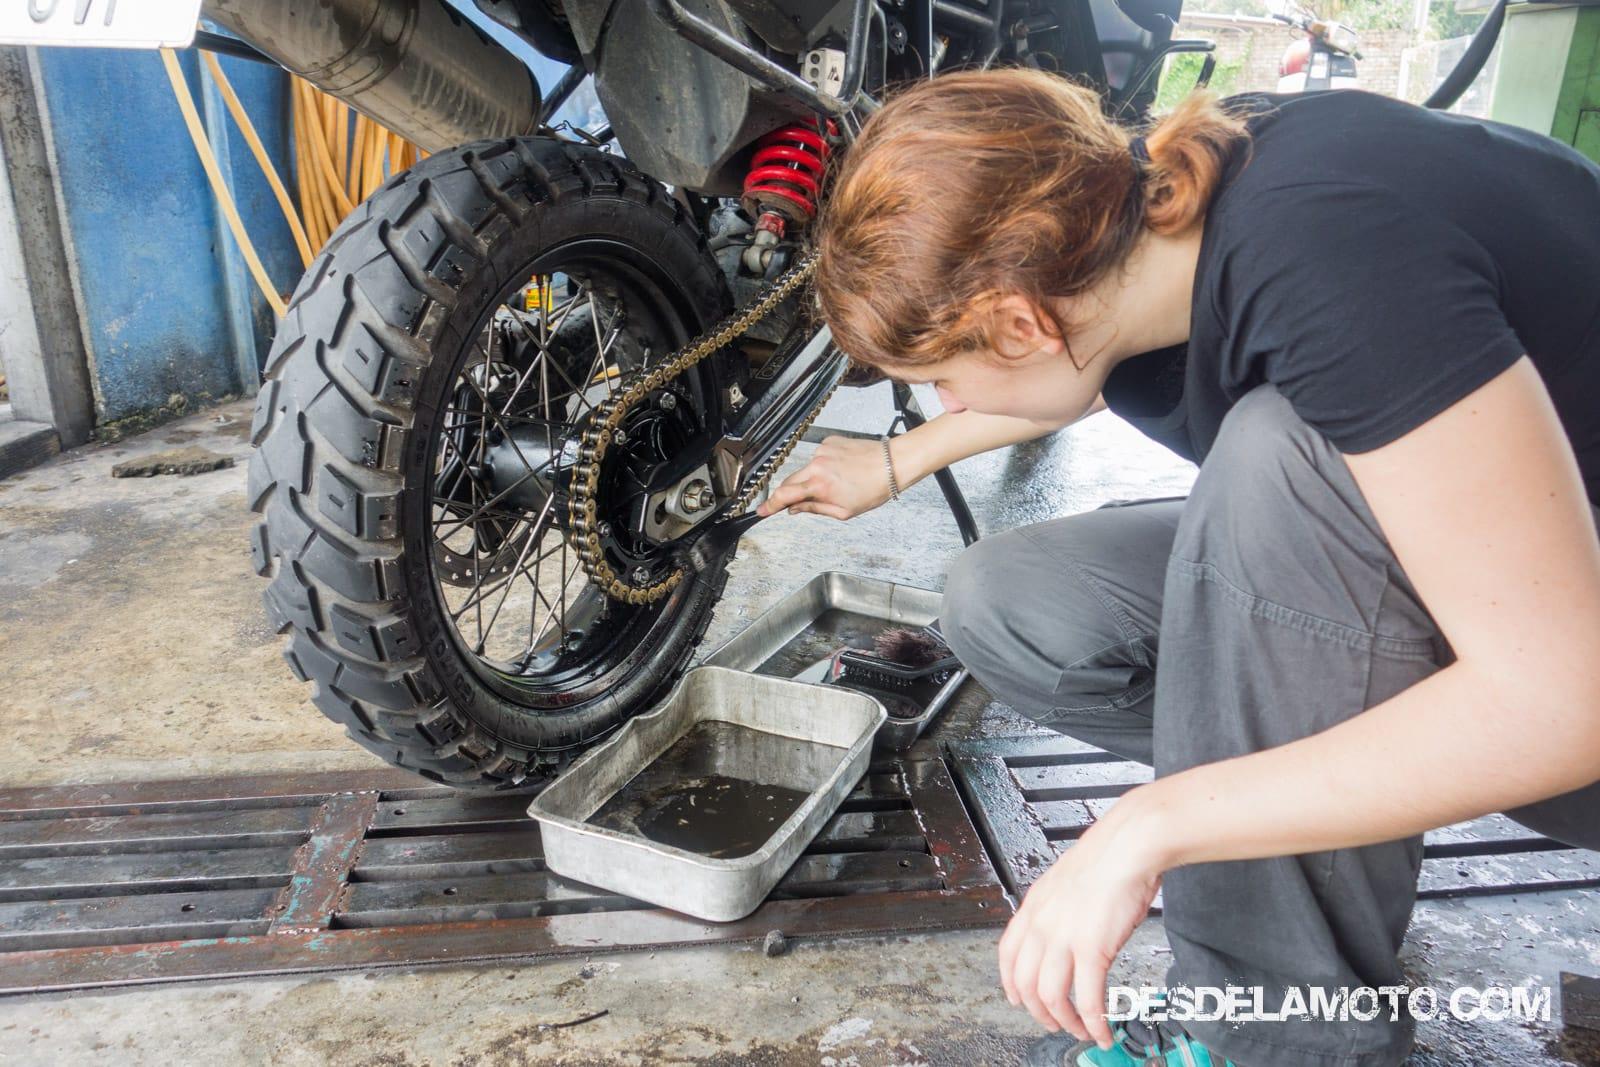 Diana limpiando la cadena de la moto.